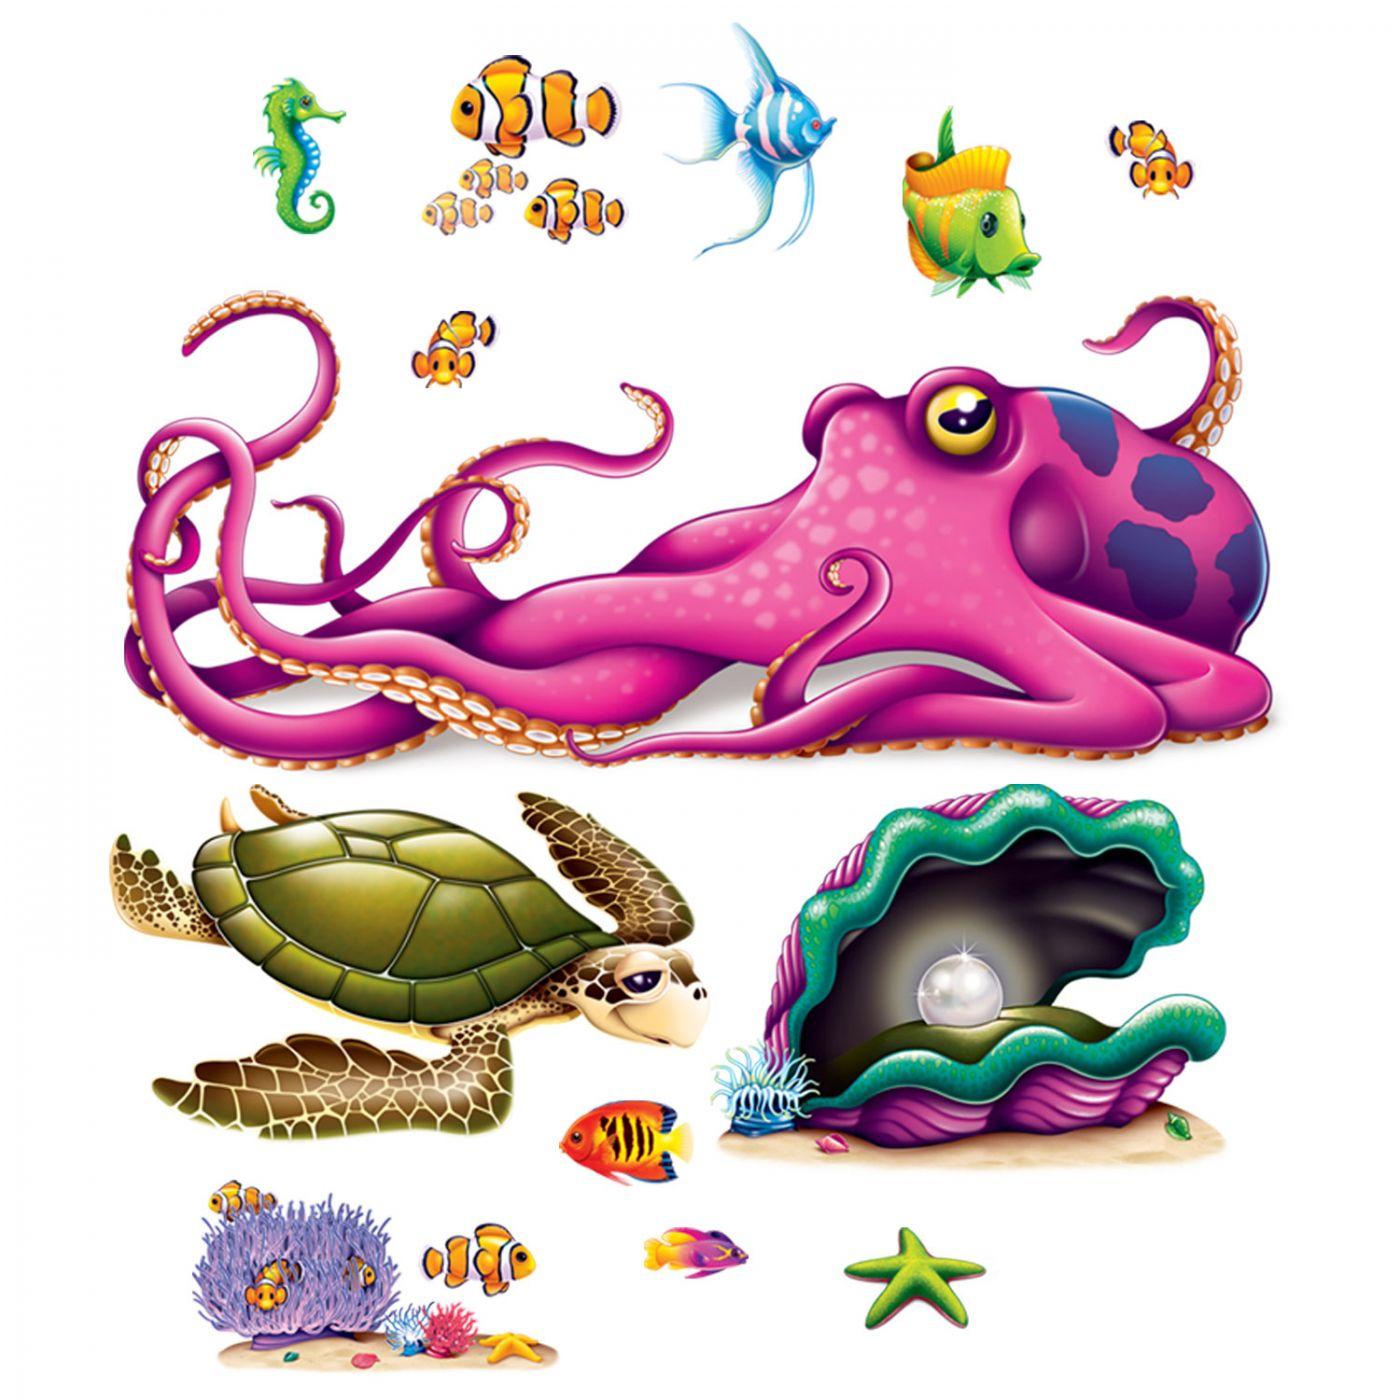 Sea Creature Props image